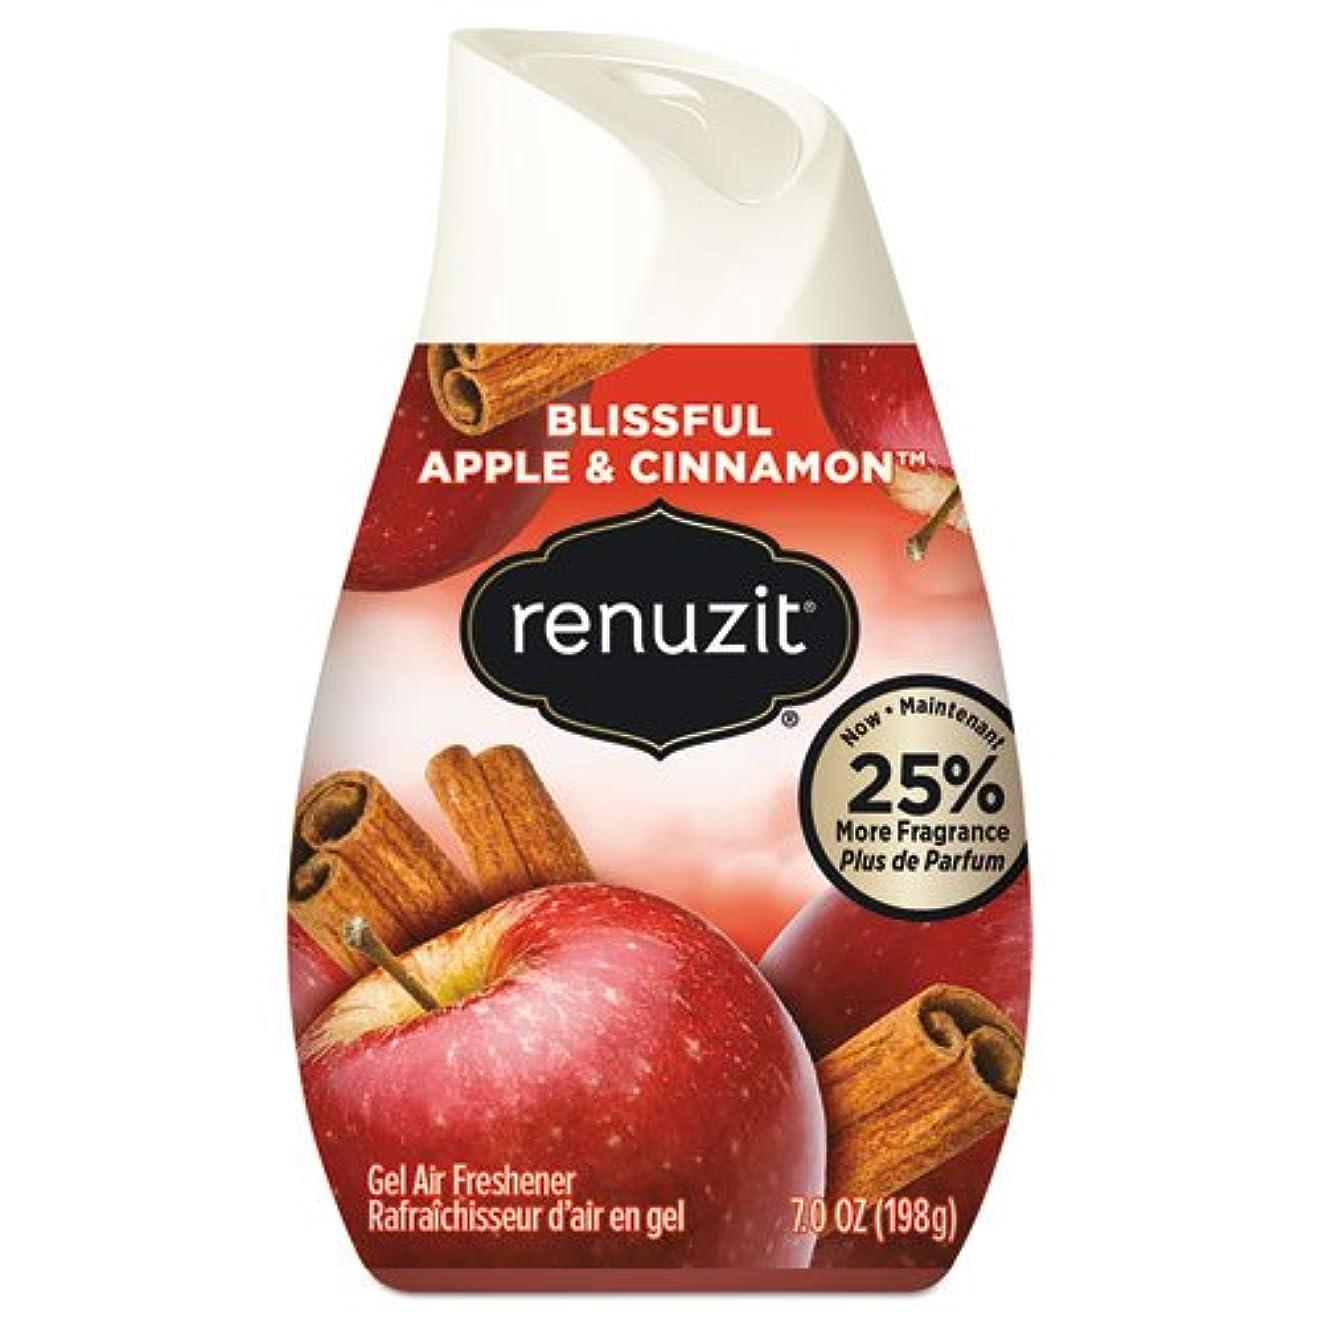 仲間、同僚有用証明リナジット[Renuzit] エアーフレッシュナーアップル&シナモン198g 芳香剤